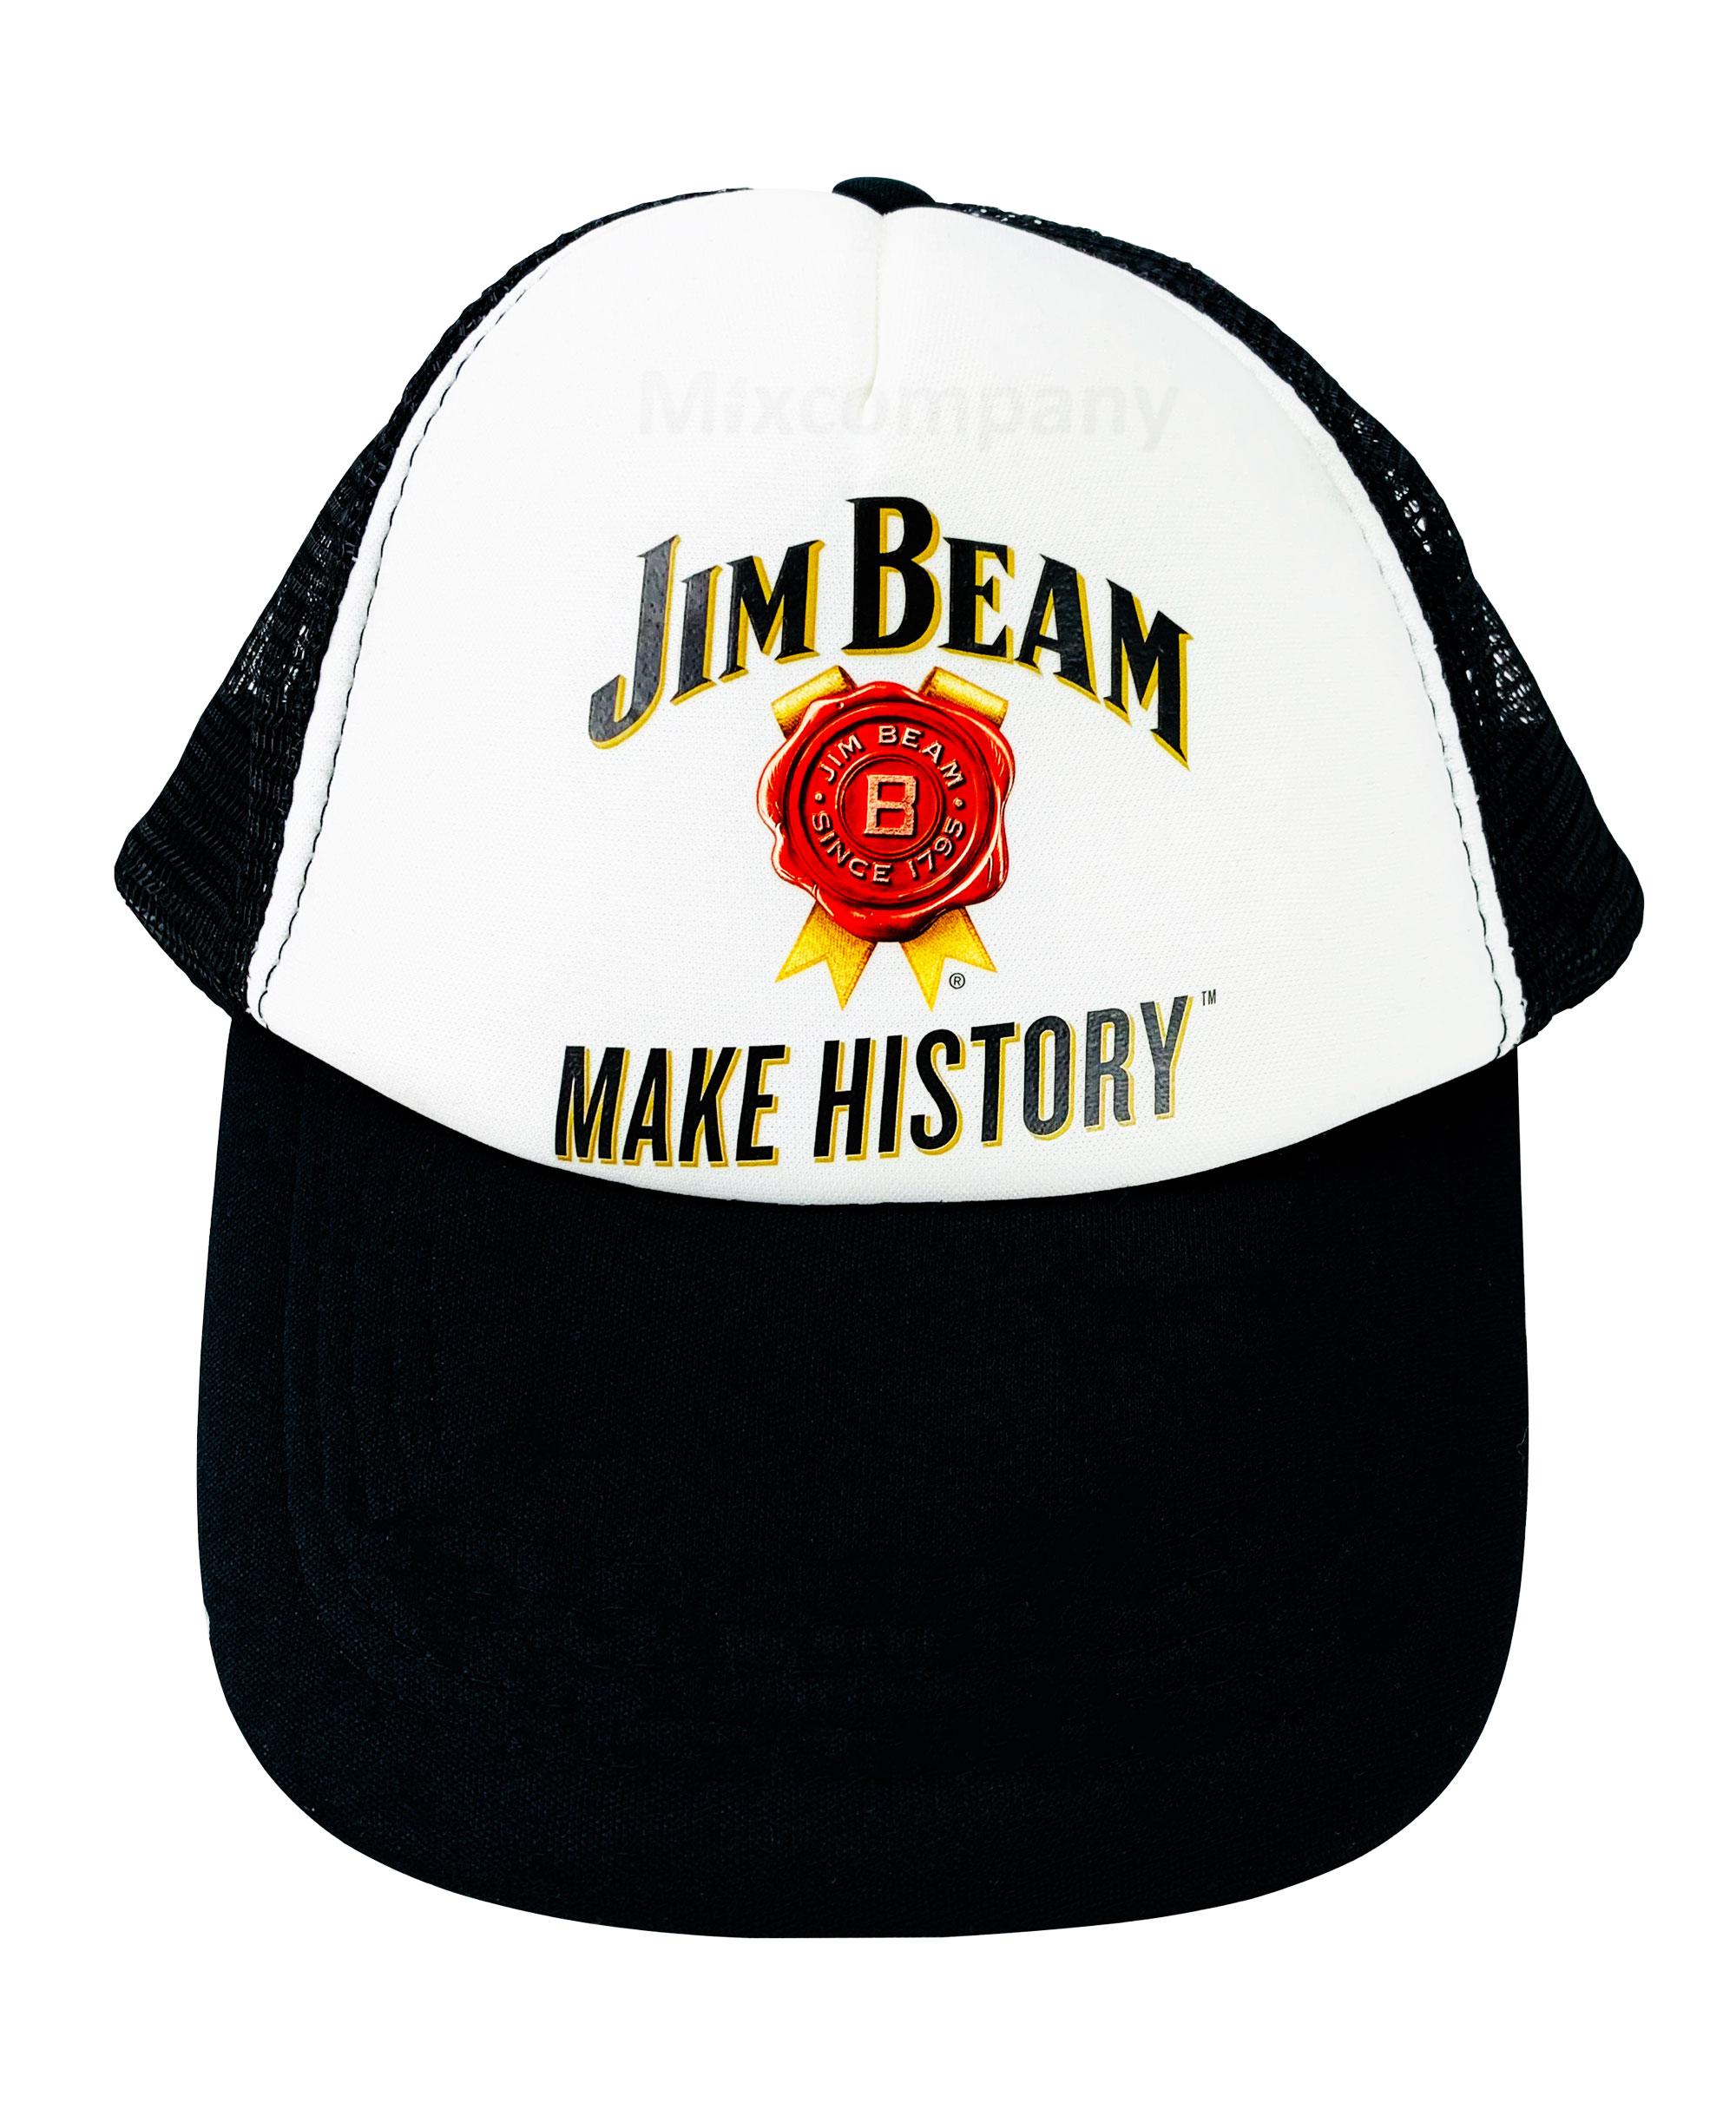 3x Jim Beam Make History 3er Kappe Basecap Cap Mütze whisky whiskey Party Festival Karneval